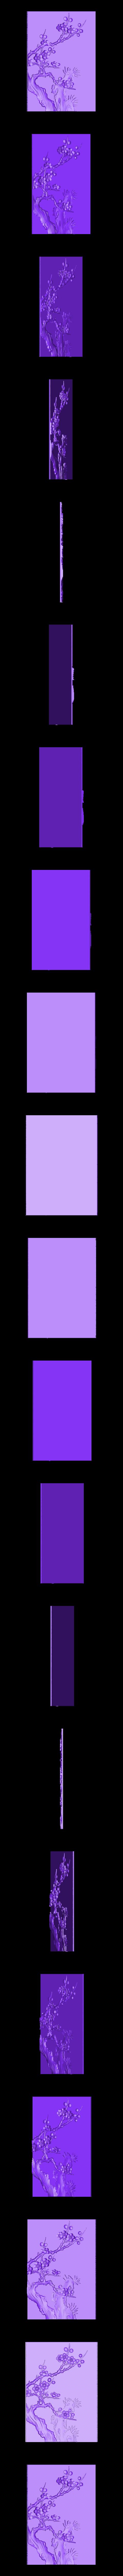 267e8990 f5d3 4fce 87b4 02addfdc966f